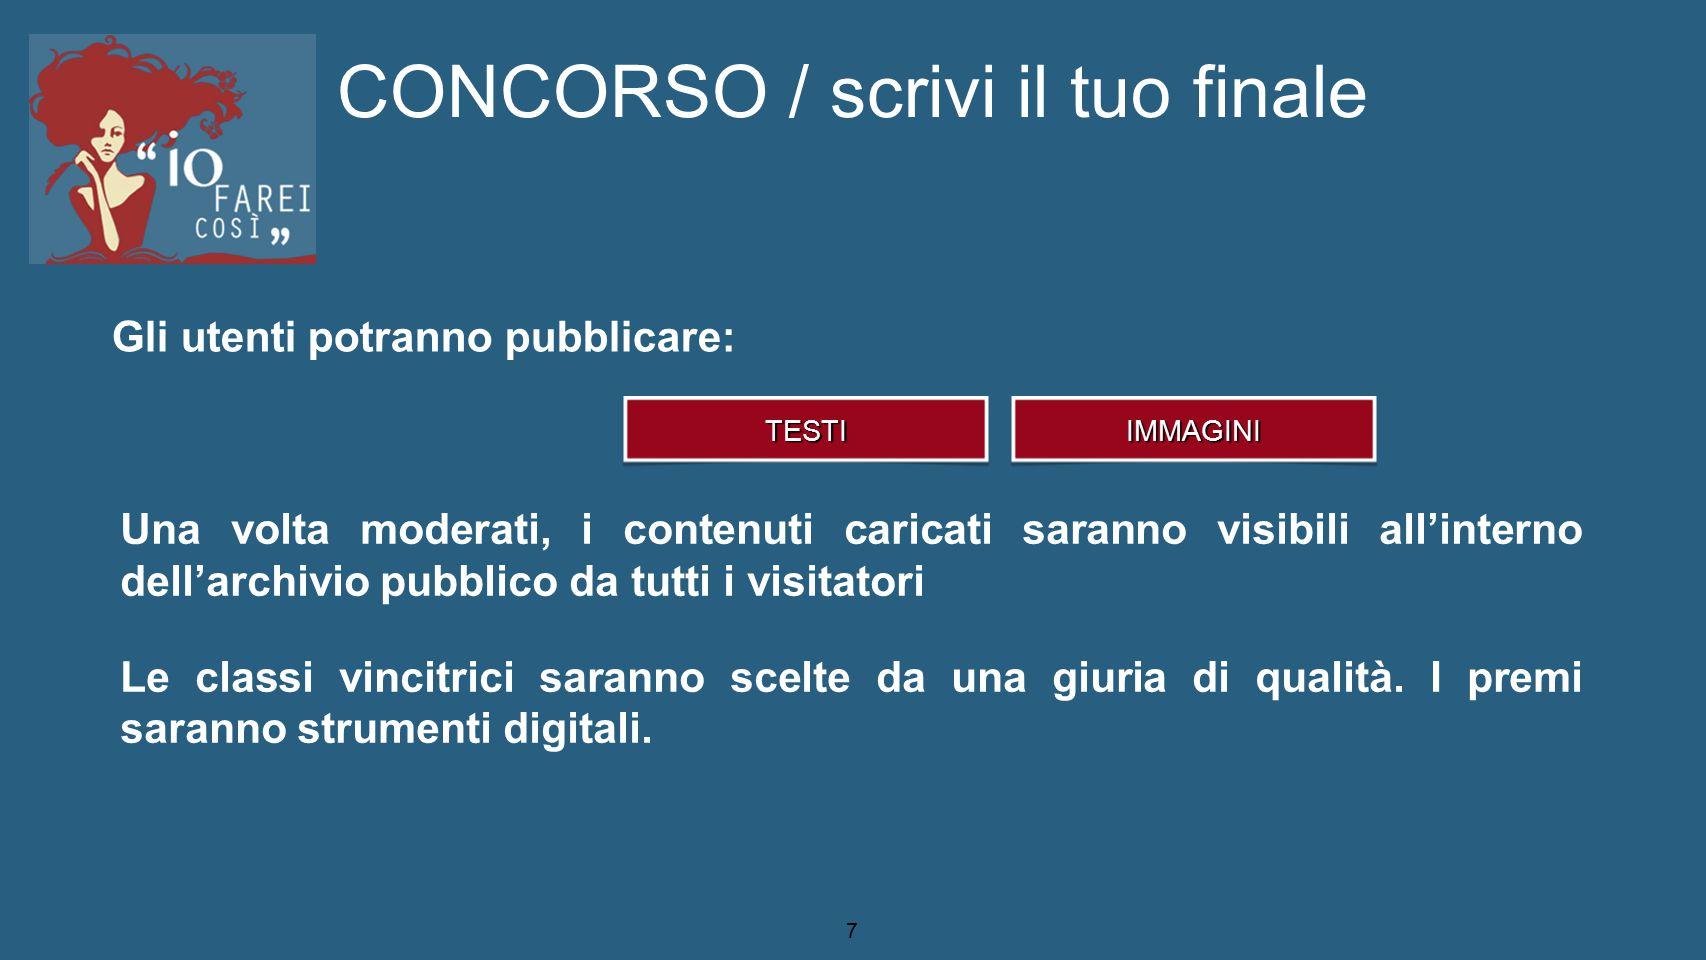 7 CONCORSO / scrivi il tuo finale Gli utenti potranno pubblicare: TESTIIMMAGINI Una volta moderati, i contenuti caricati saranno visibili all'interno